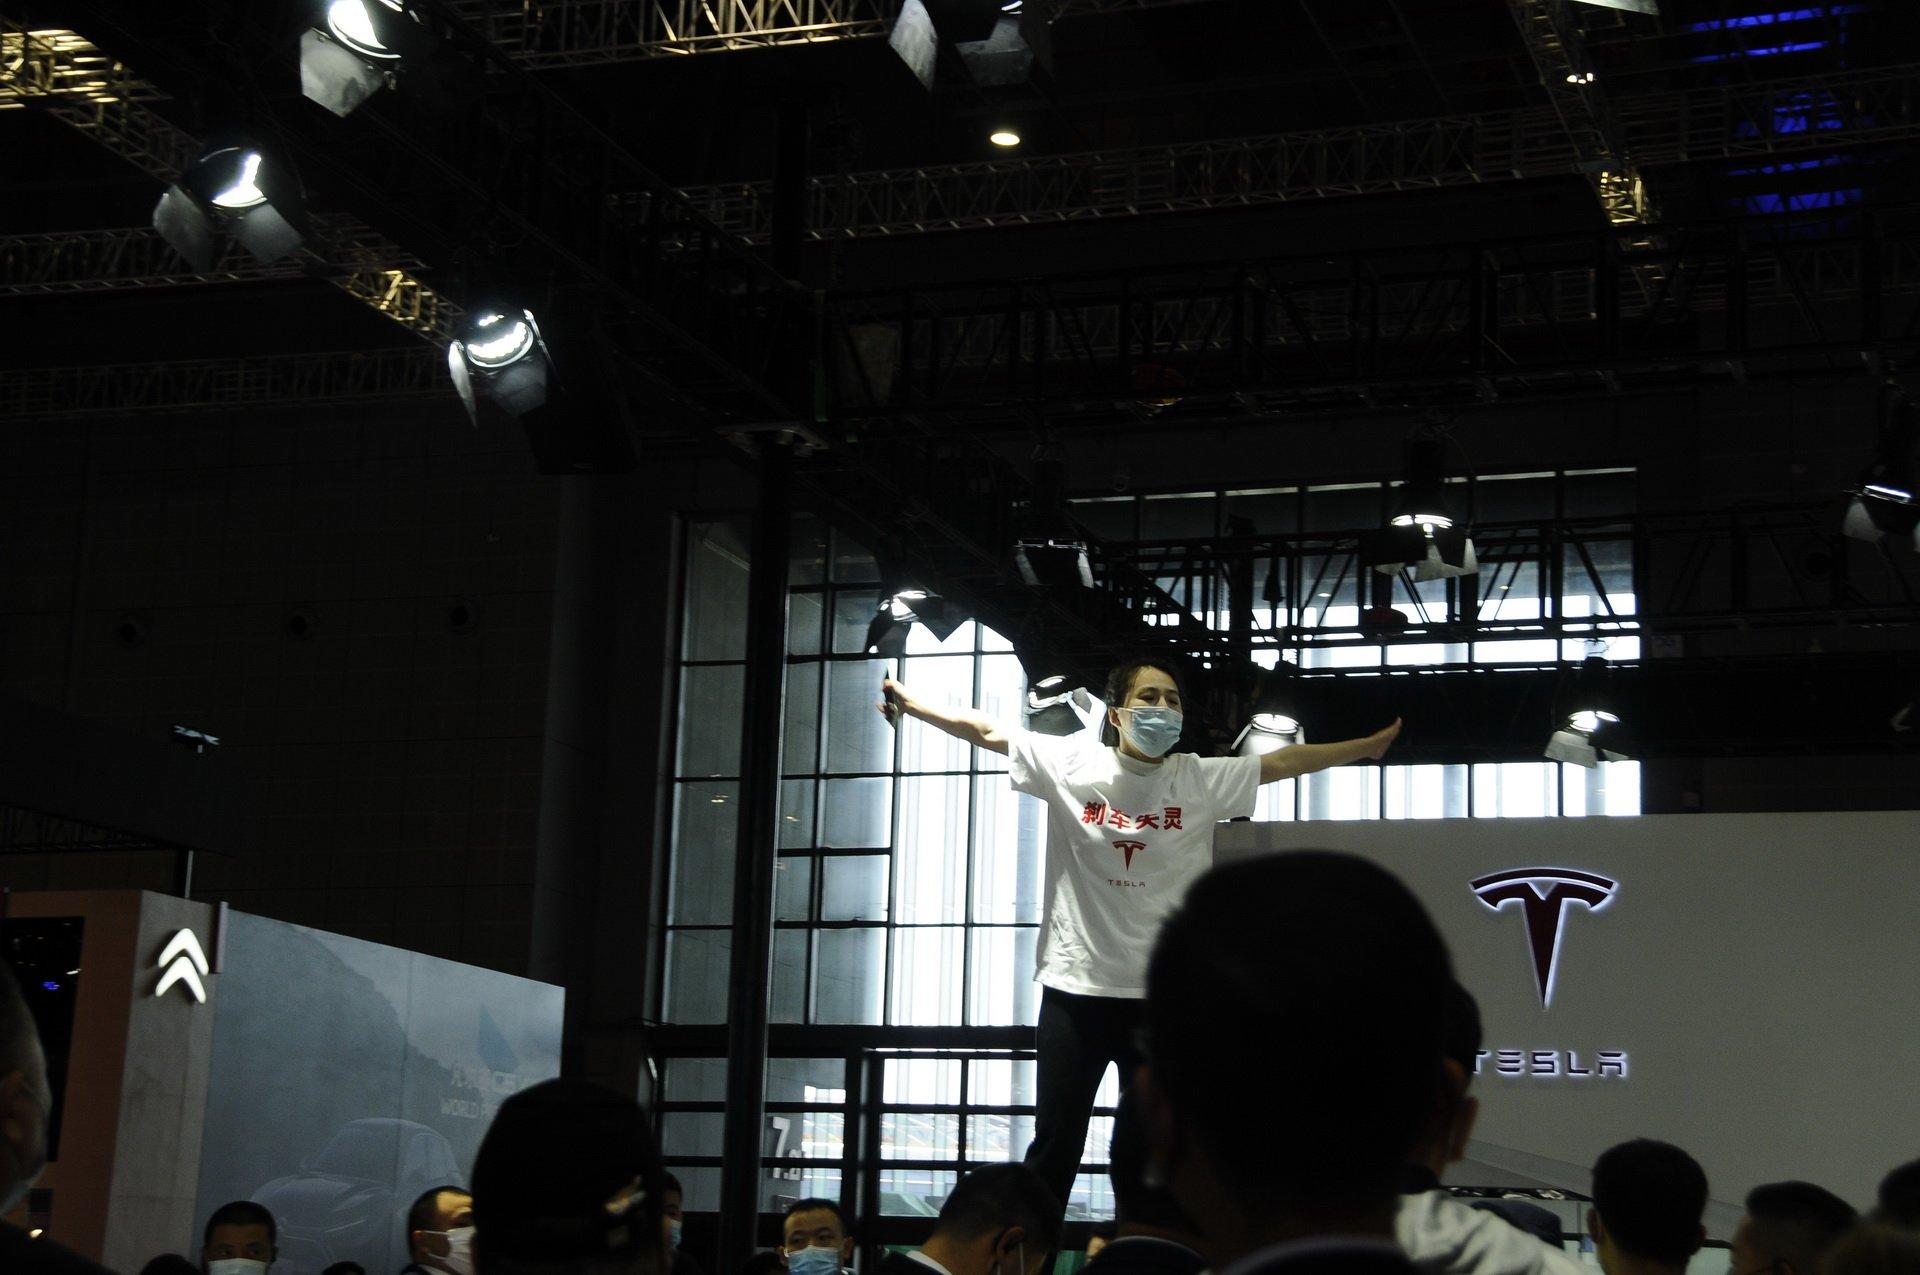 پریدن روی سقف تسلا مدل ۳ در نمایشگاه خودرو شانگهای؛ اعتراض به سبک چینی